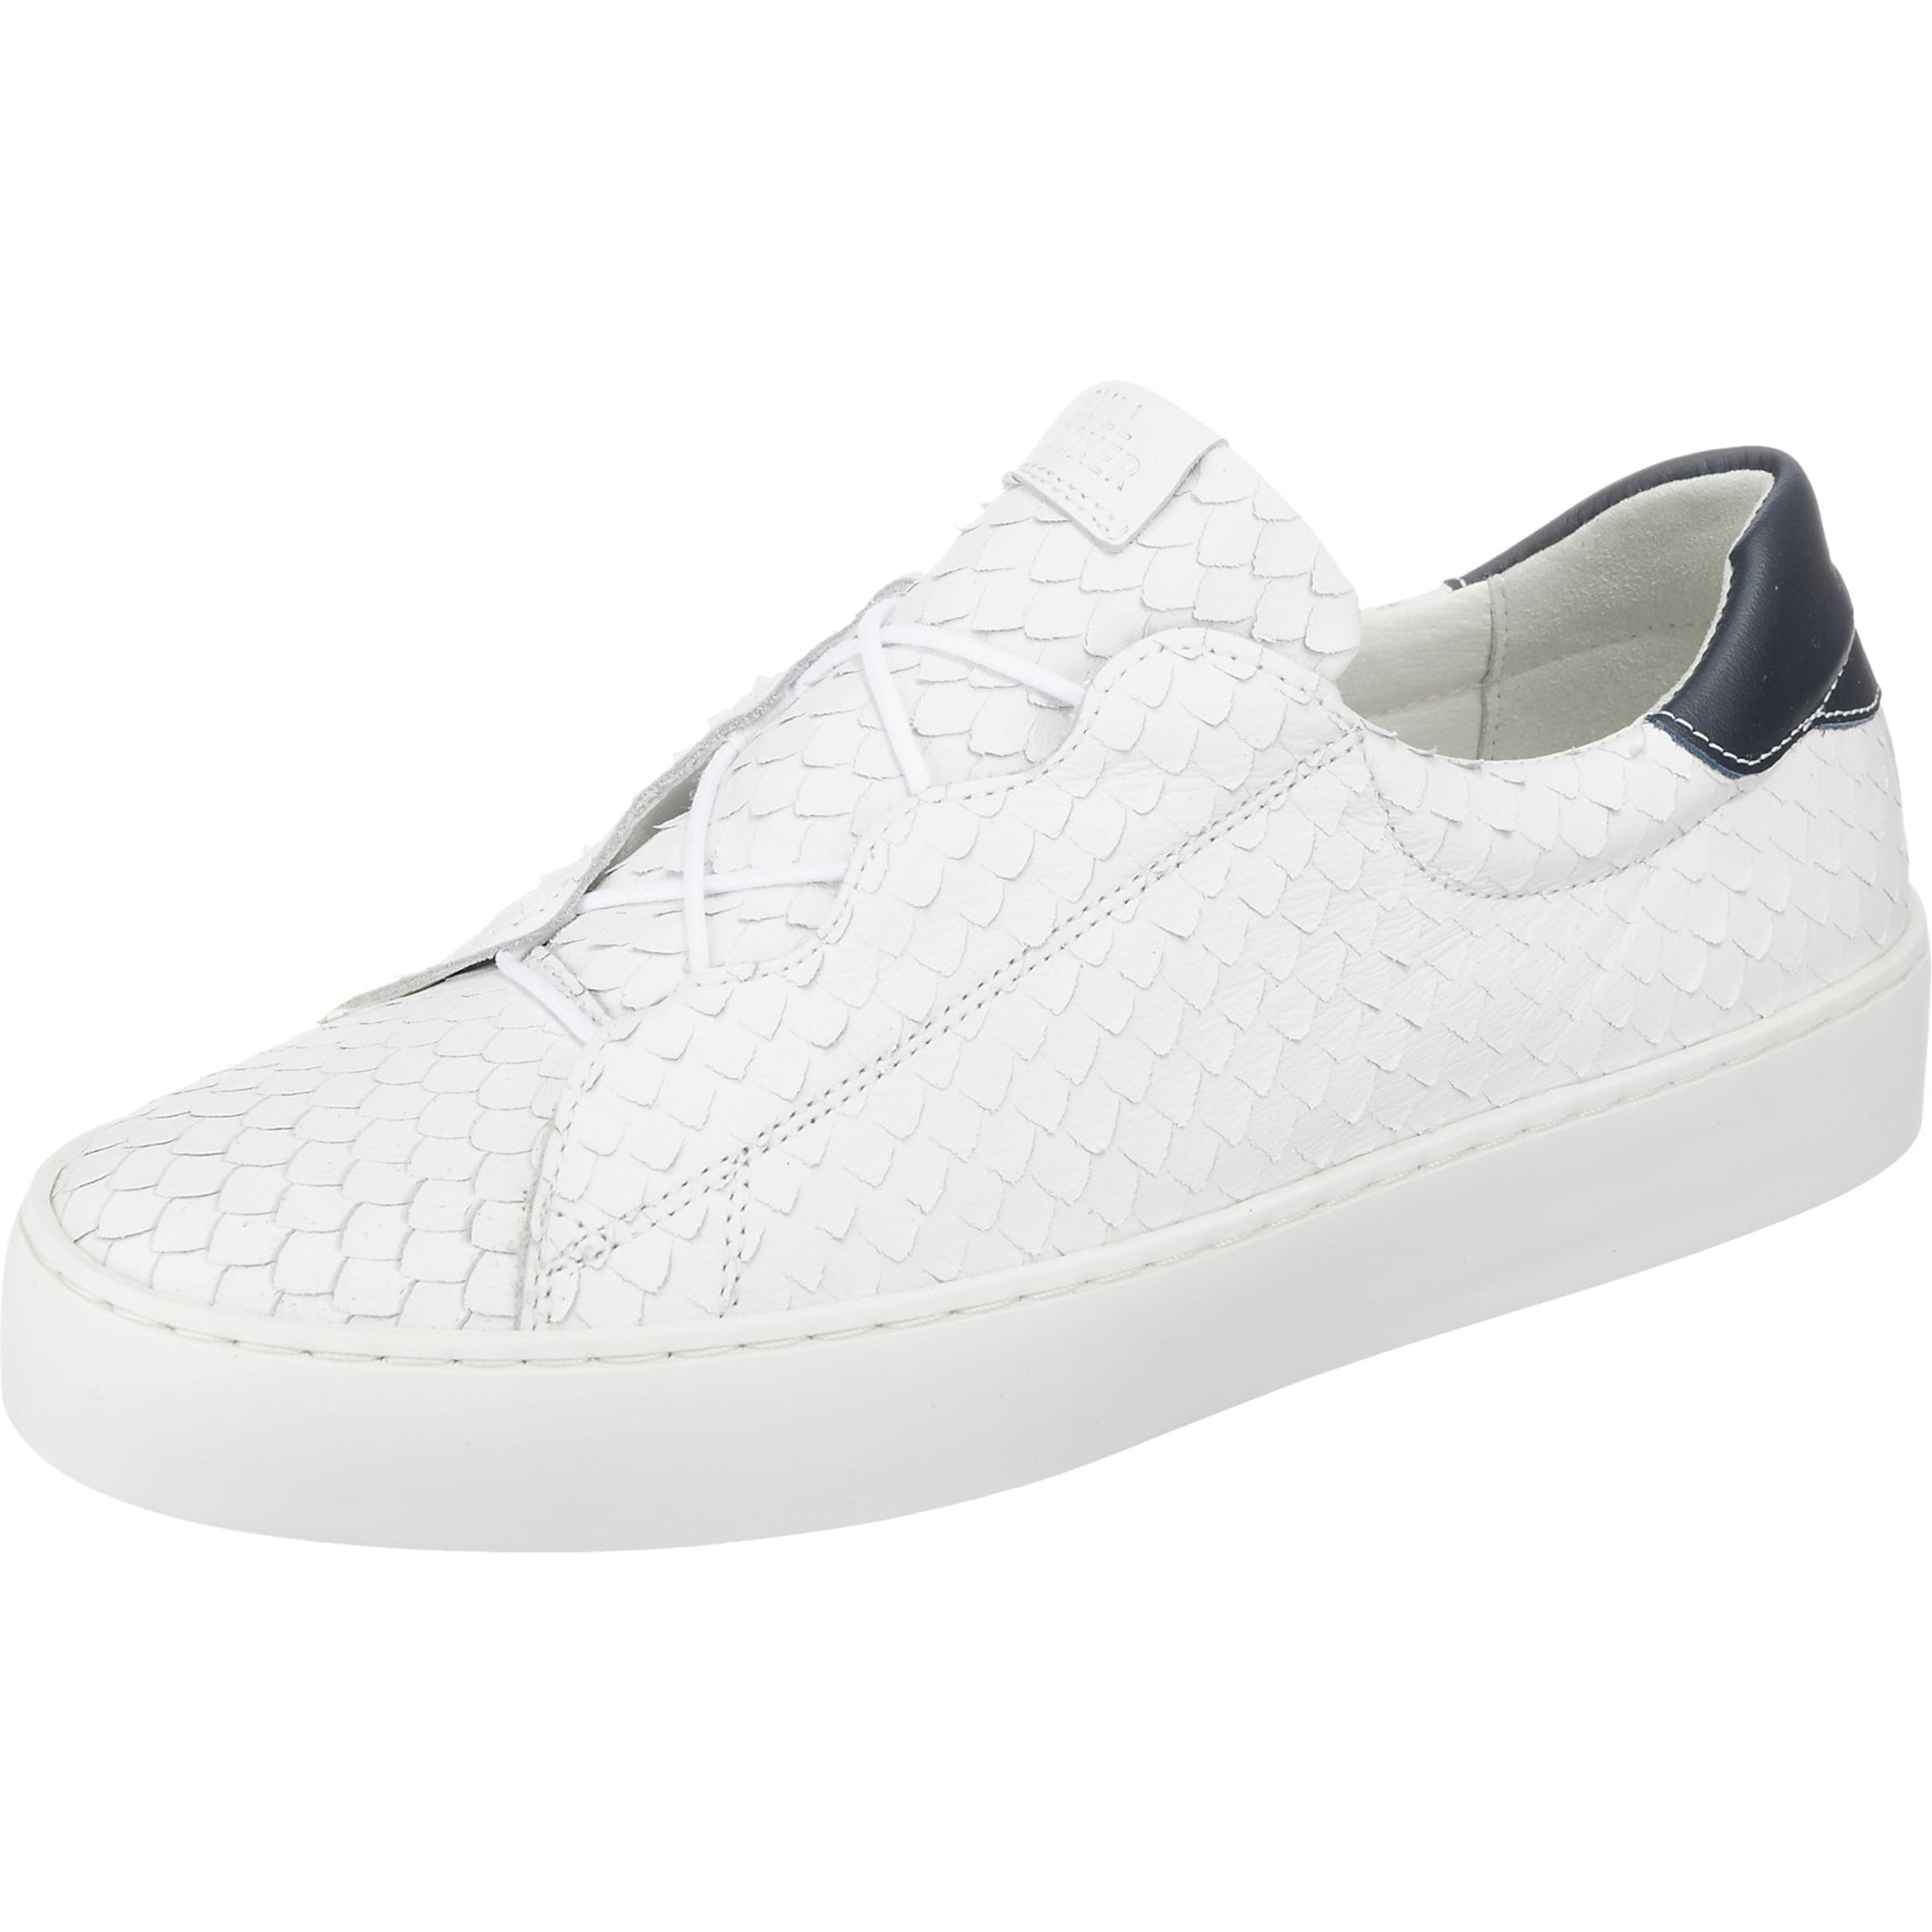 BULLBOXER Sneakers Verschleißfeste billige Schuhe Hohe Qualität